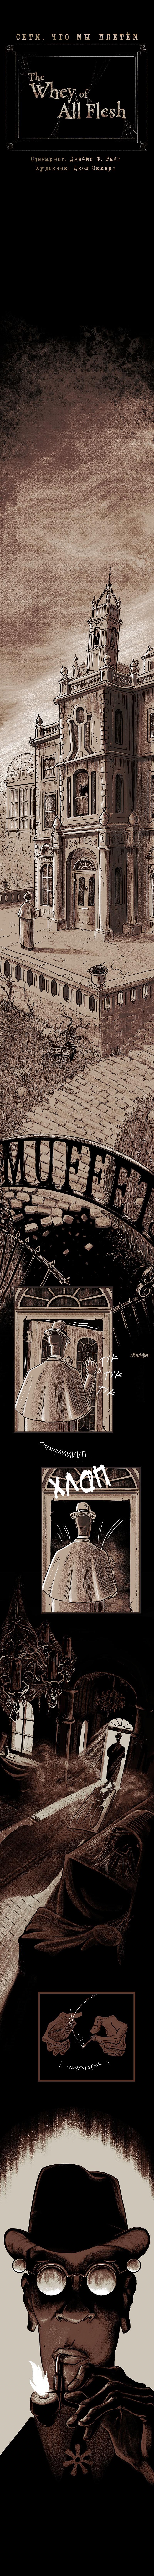 https://r2.ninemanga.com/comics/pic5/38/39078/1471576/1564988901937.png Page 1